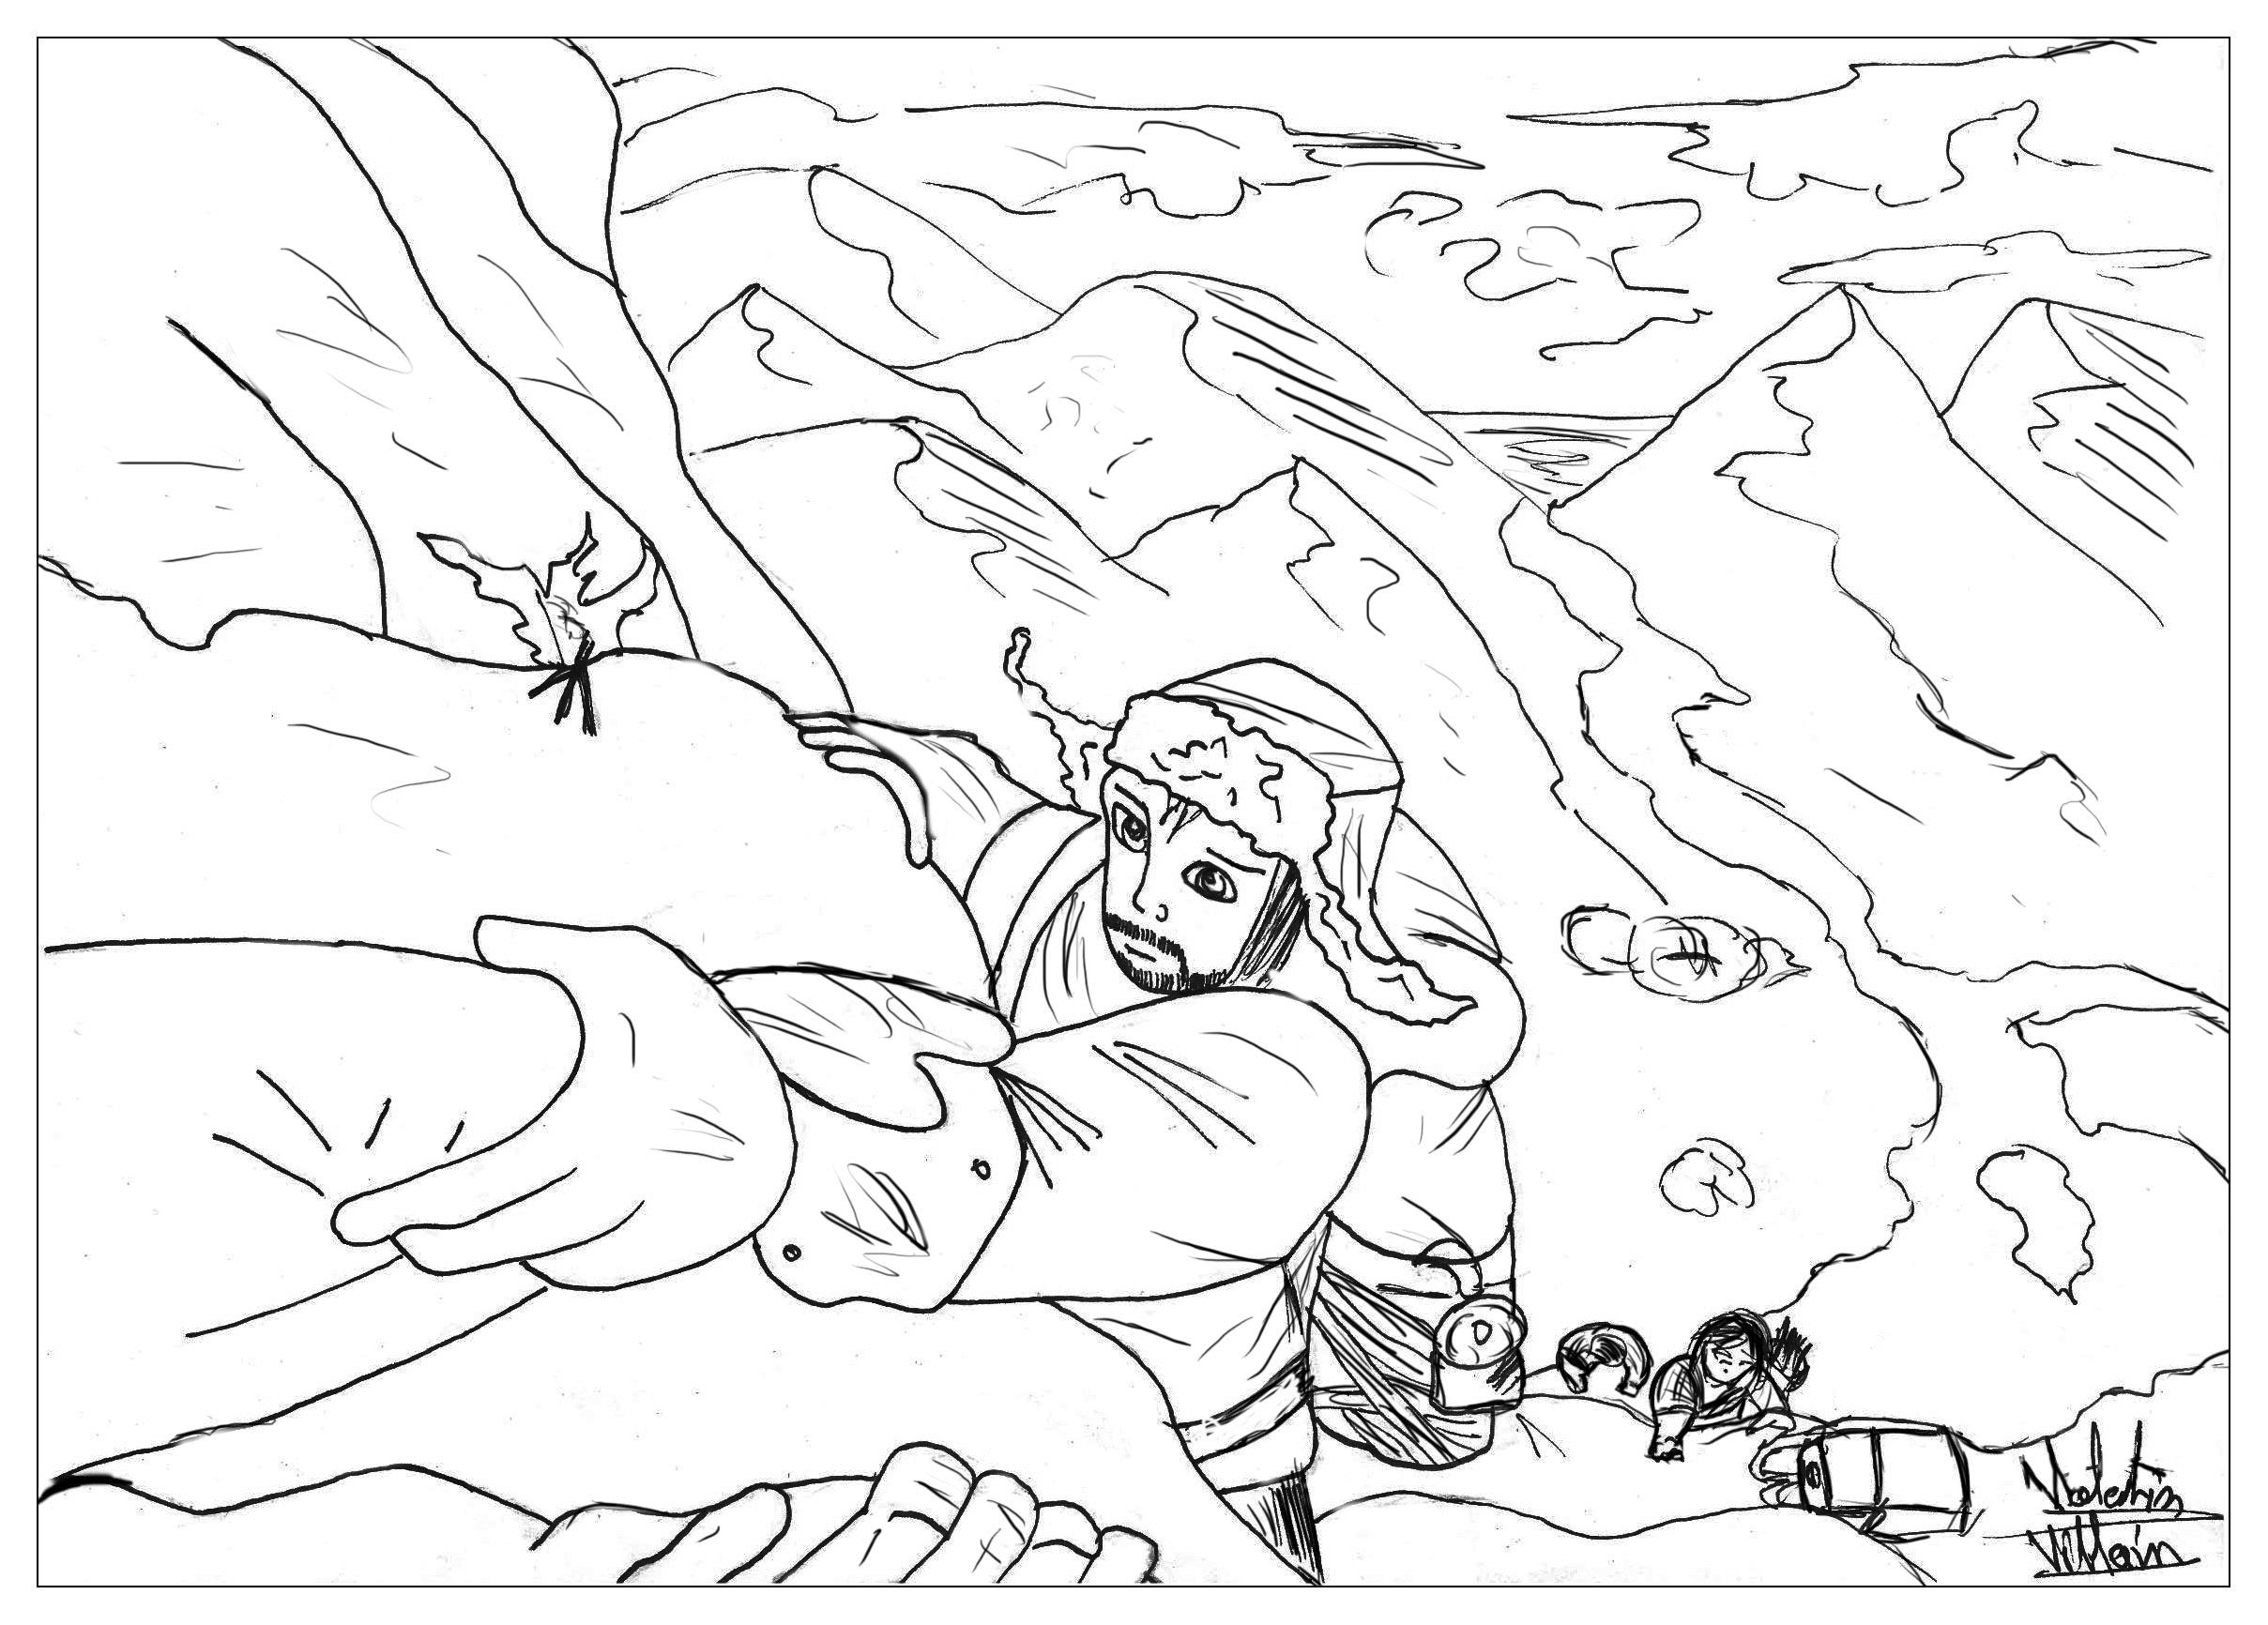 Ce coloriage est inspiré du film le Hobbit : la scène dans la montagne